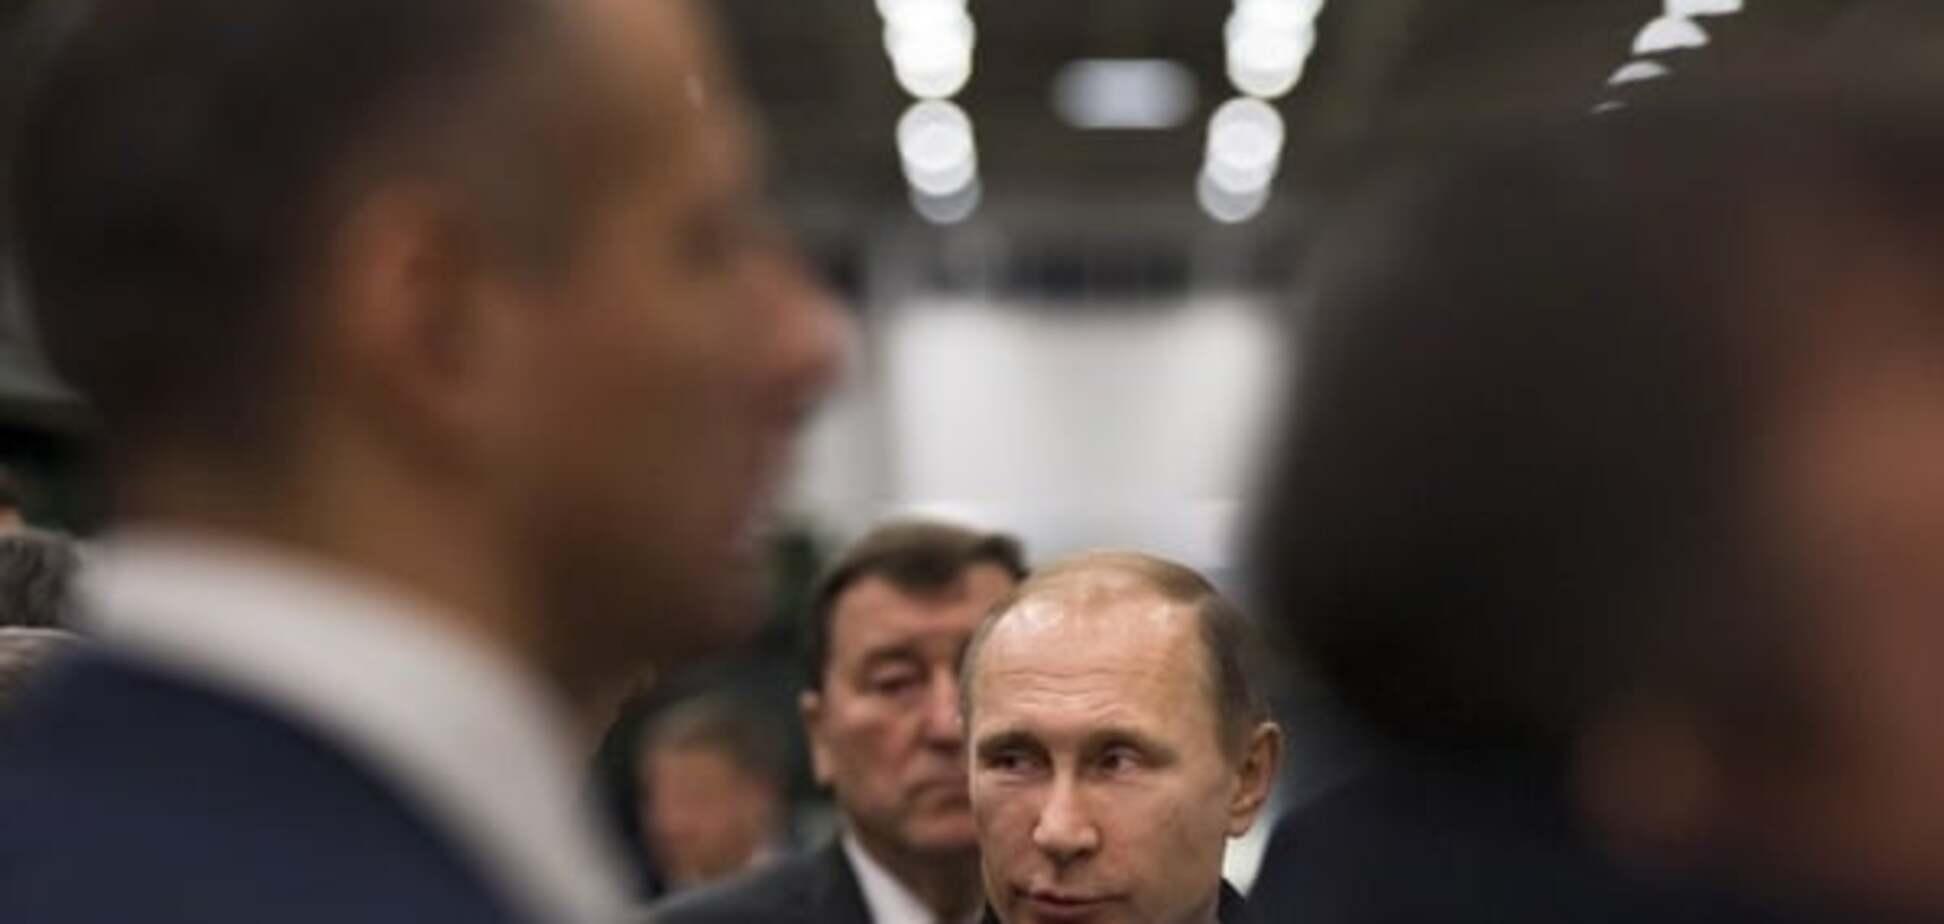 Никто ему не брат: генерал спрогнозировал, как будет действовать проигрывающий Путин